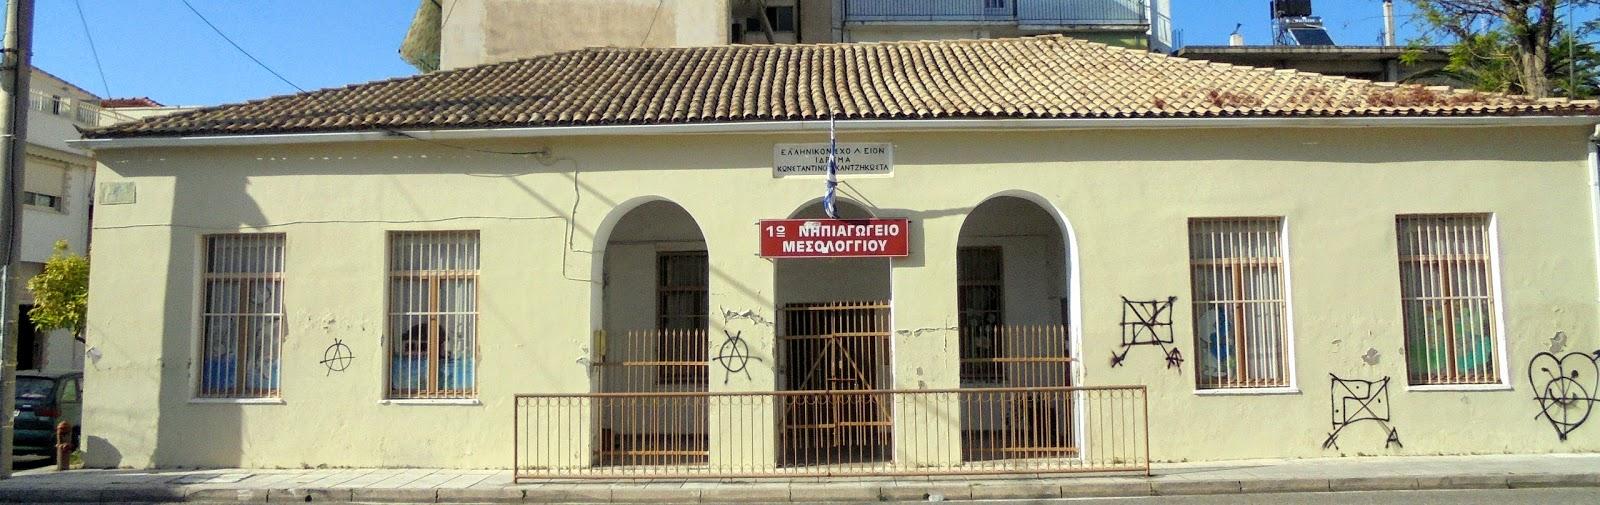 το 1ο Νηπιαγωγείο στο Μεσολόγγι